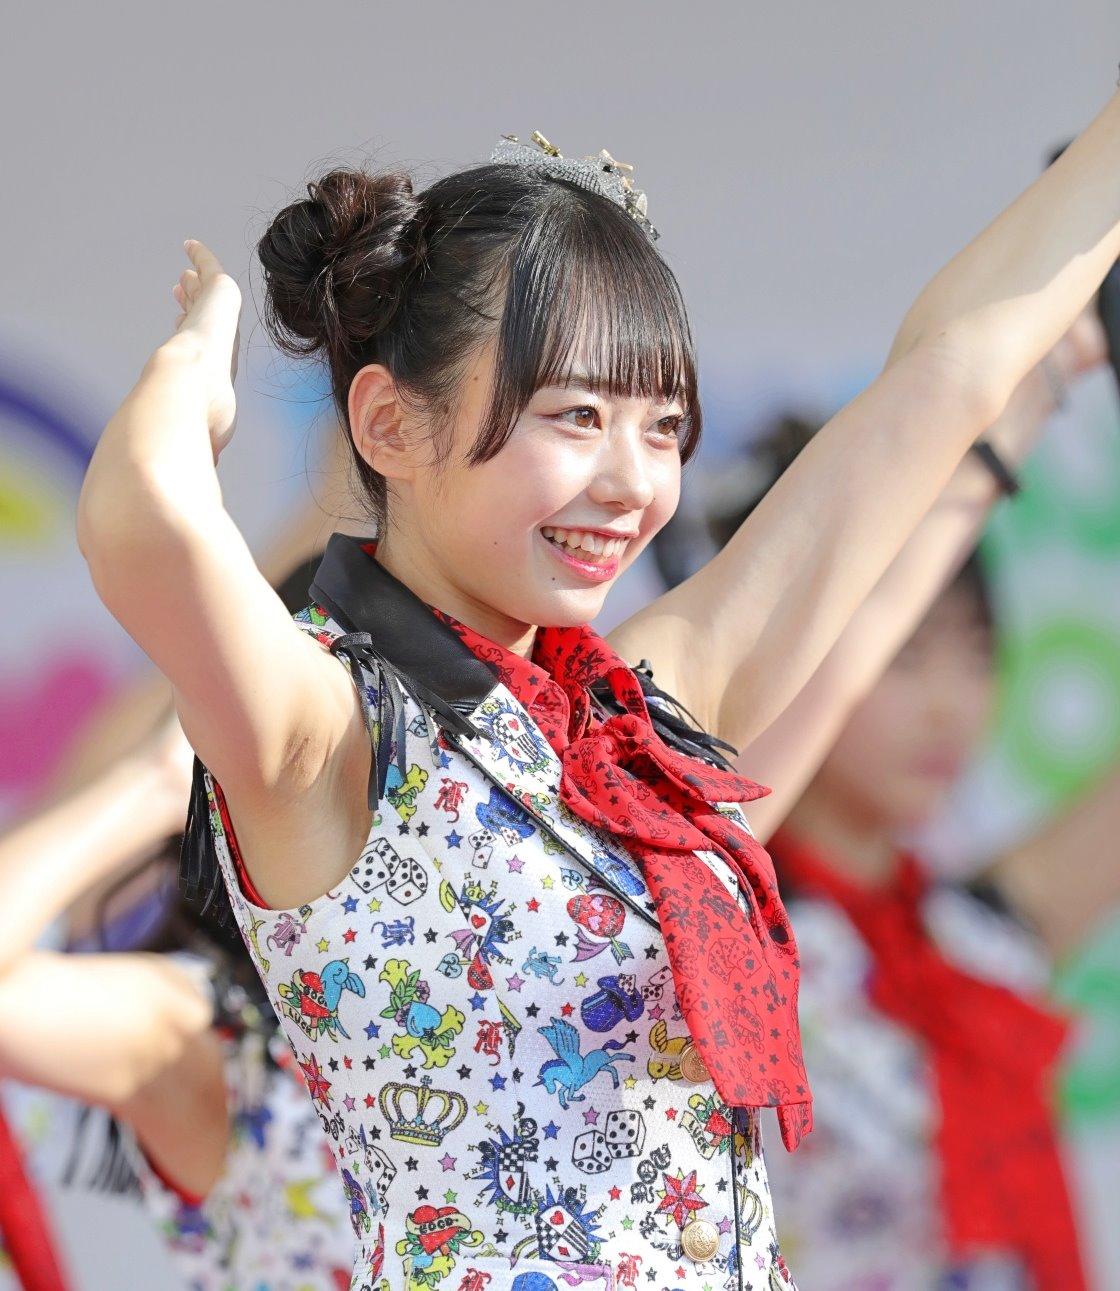 AKB48フレッシュ選抜メンバーの腋見せライブ (5)